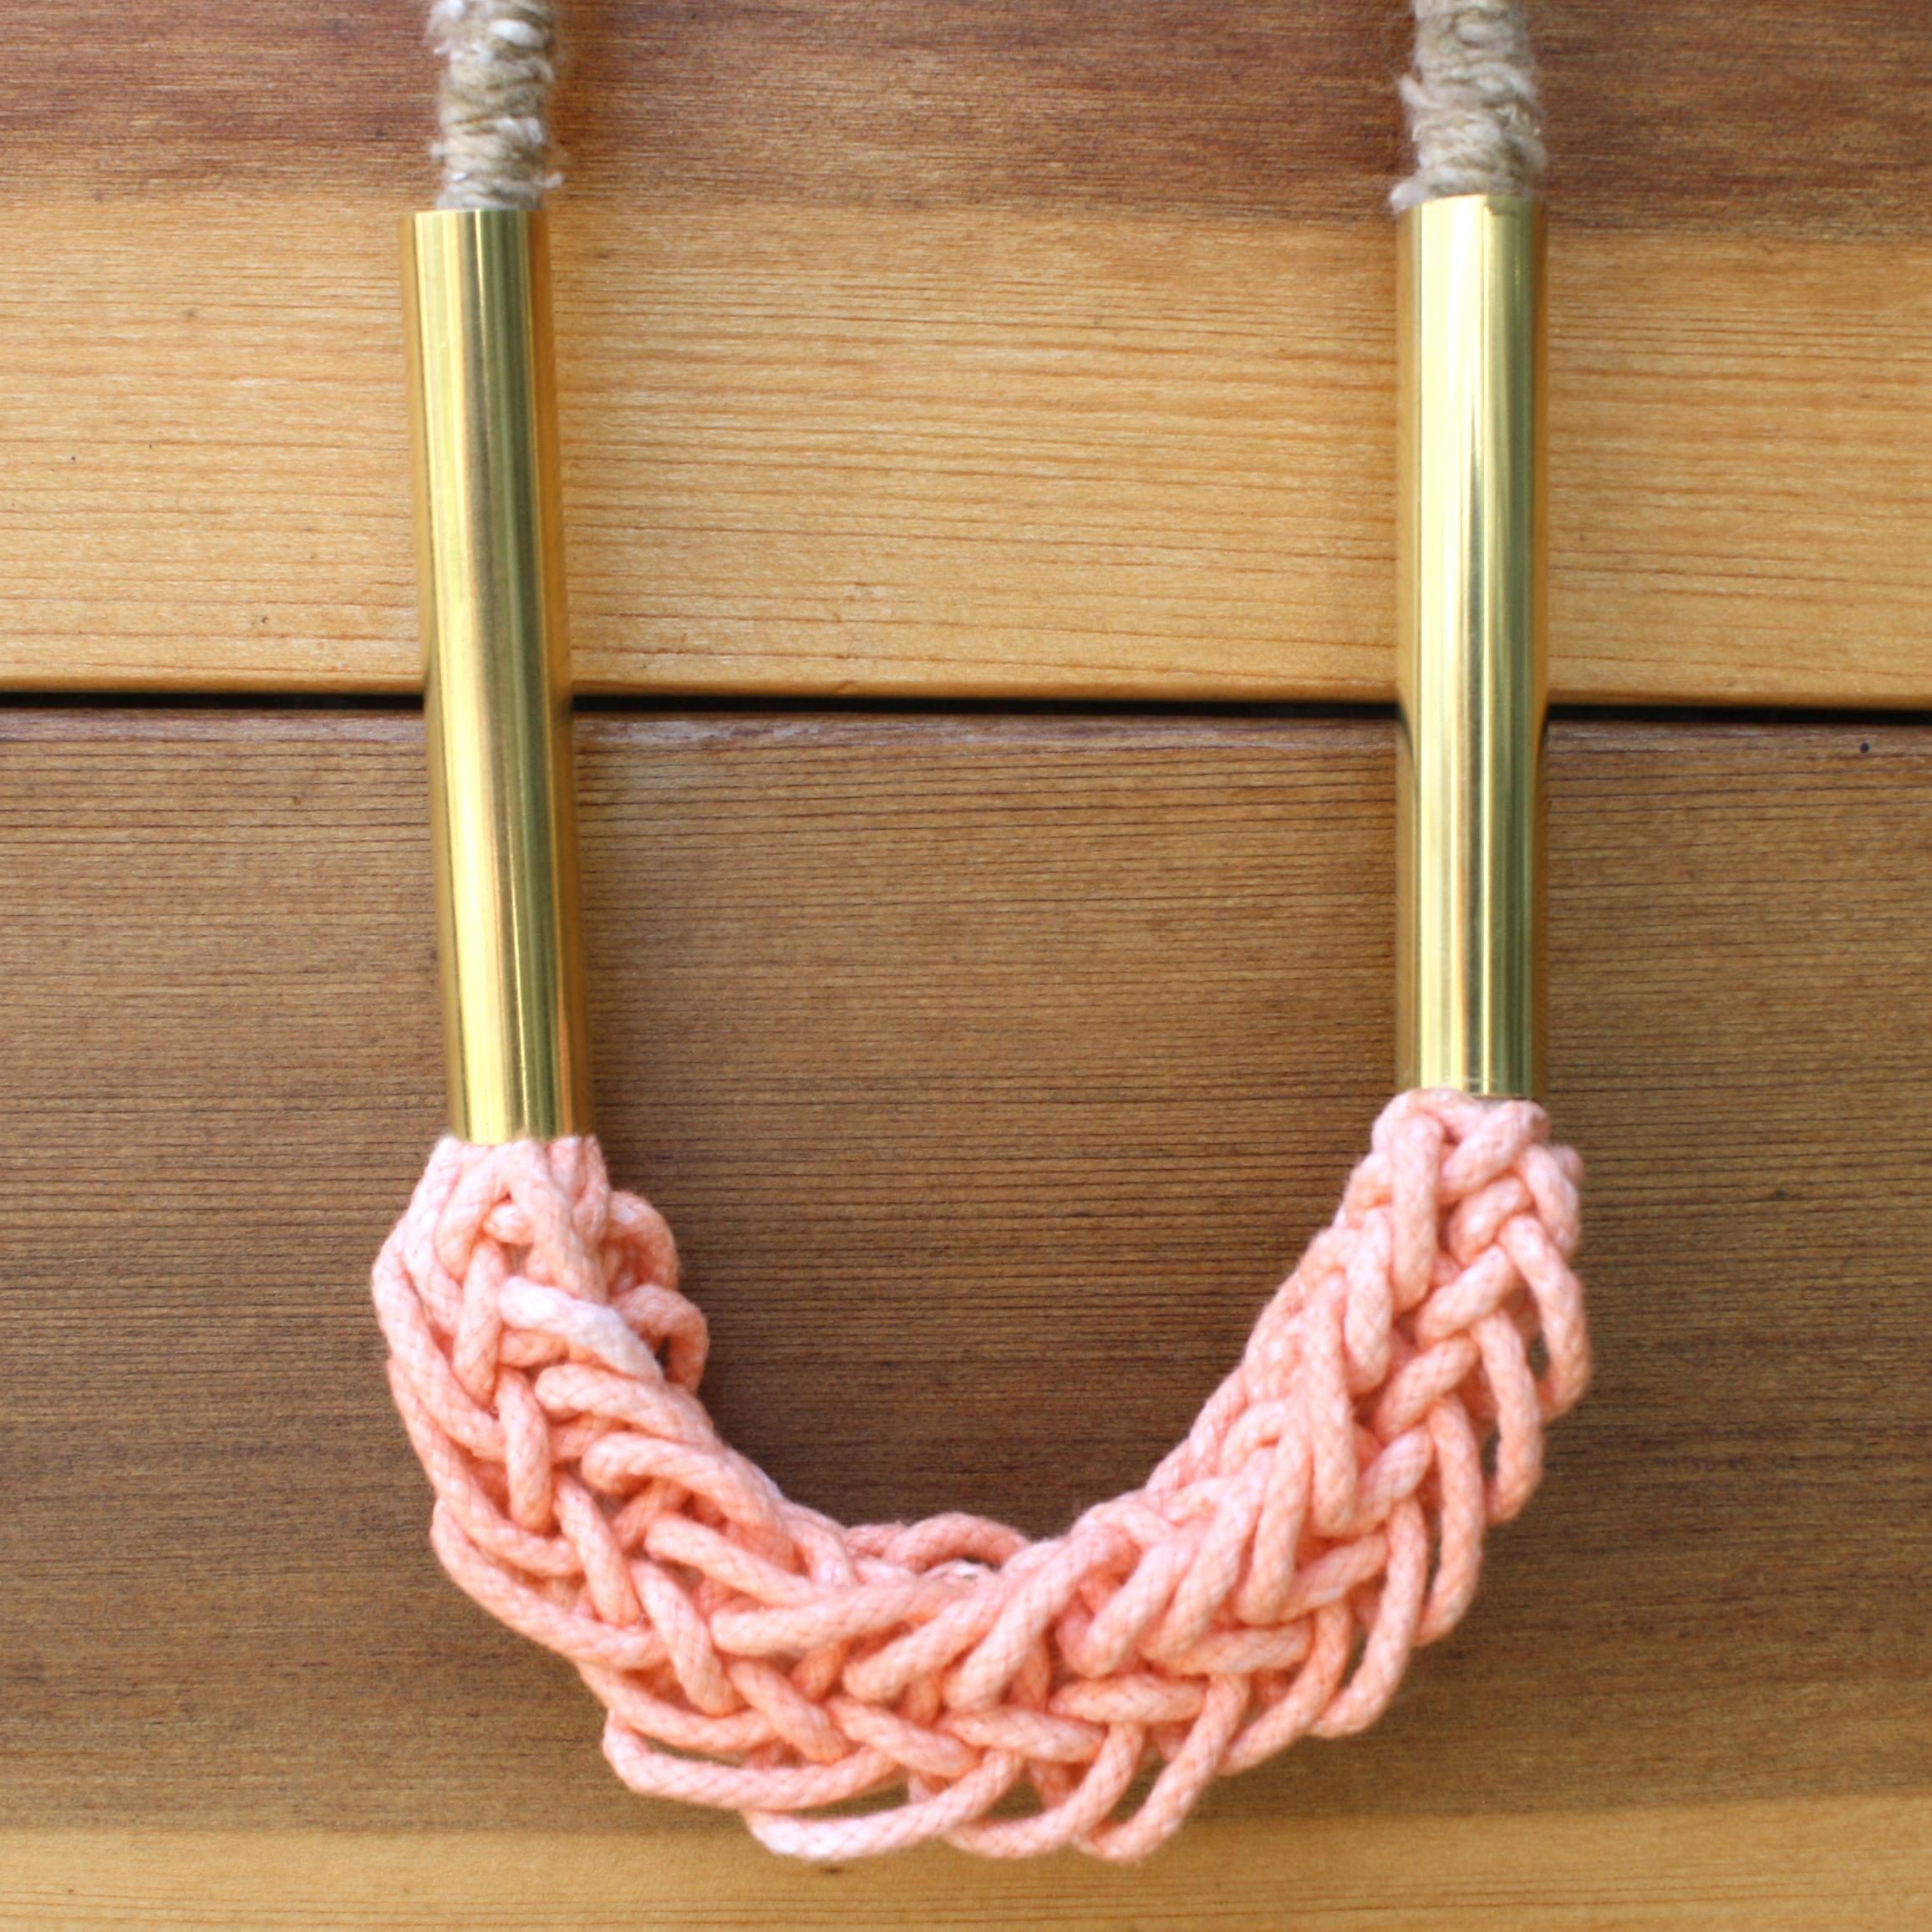 pinkknitdetail.jpg